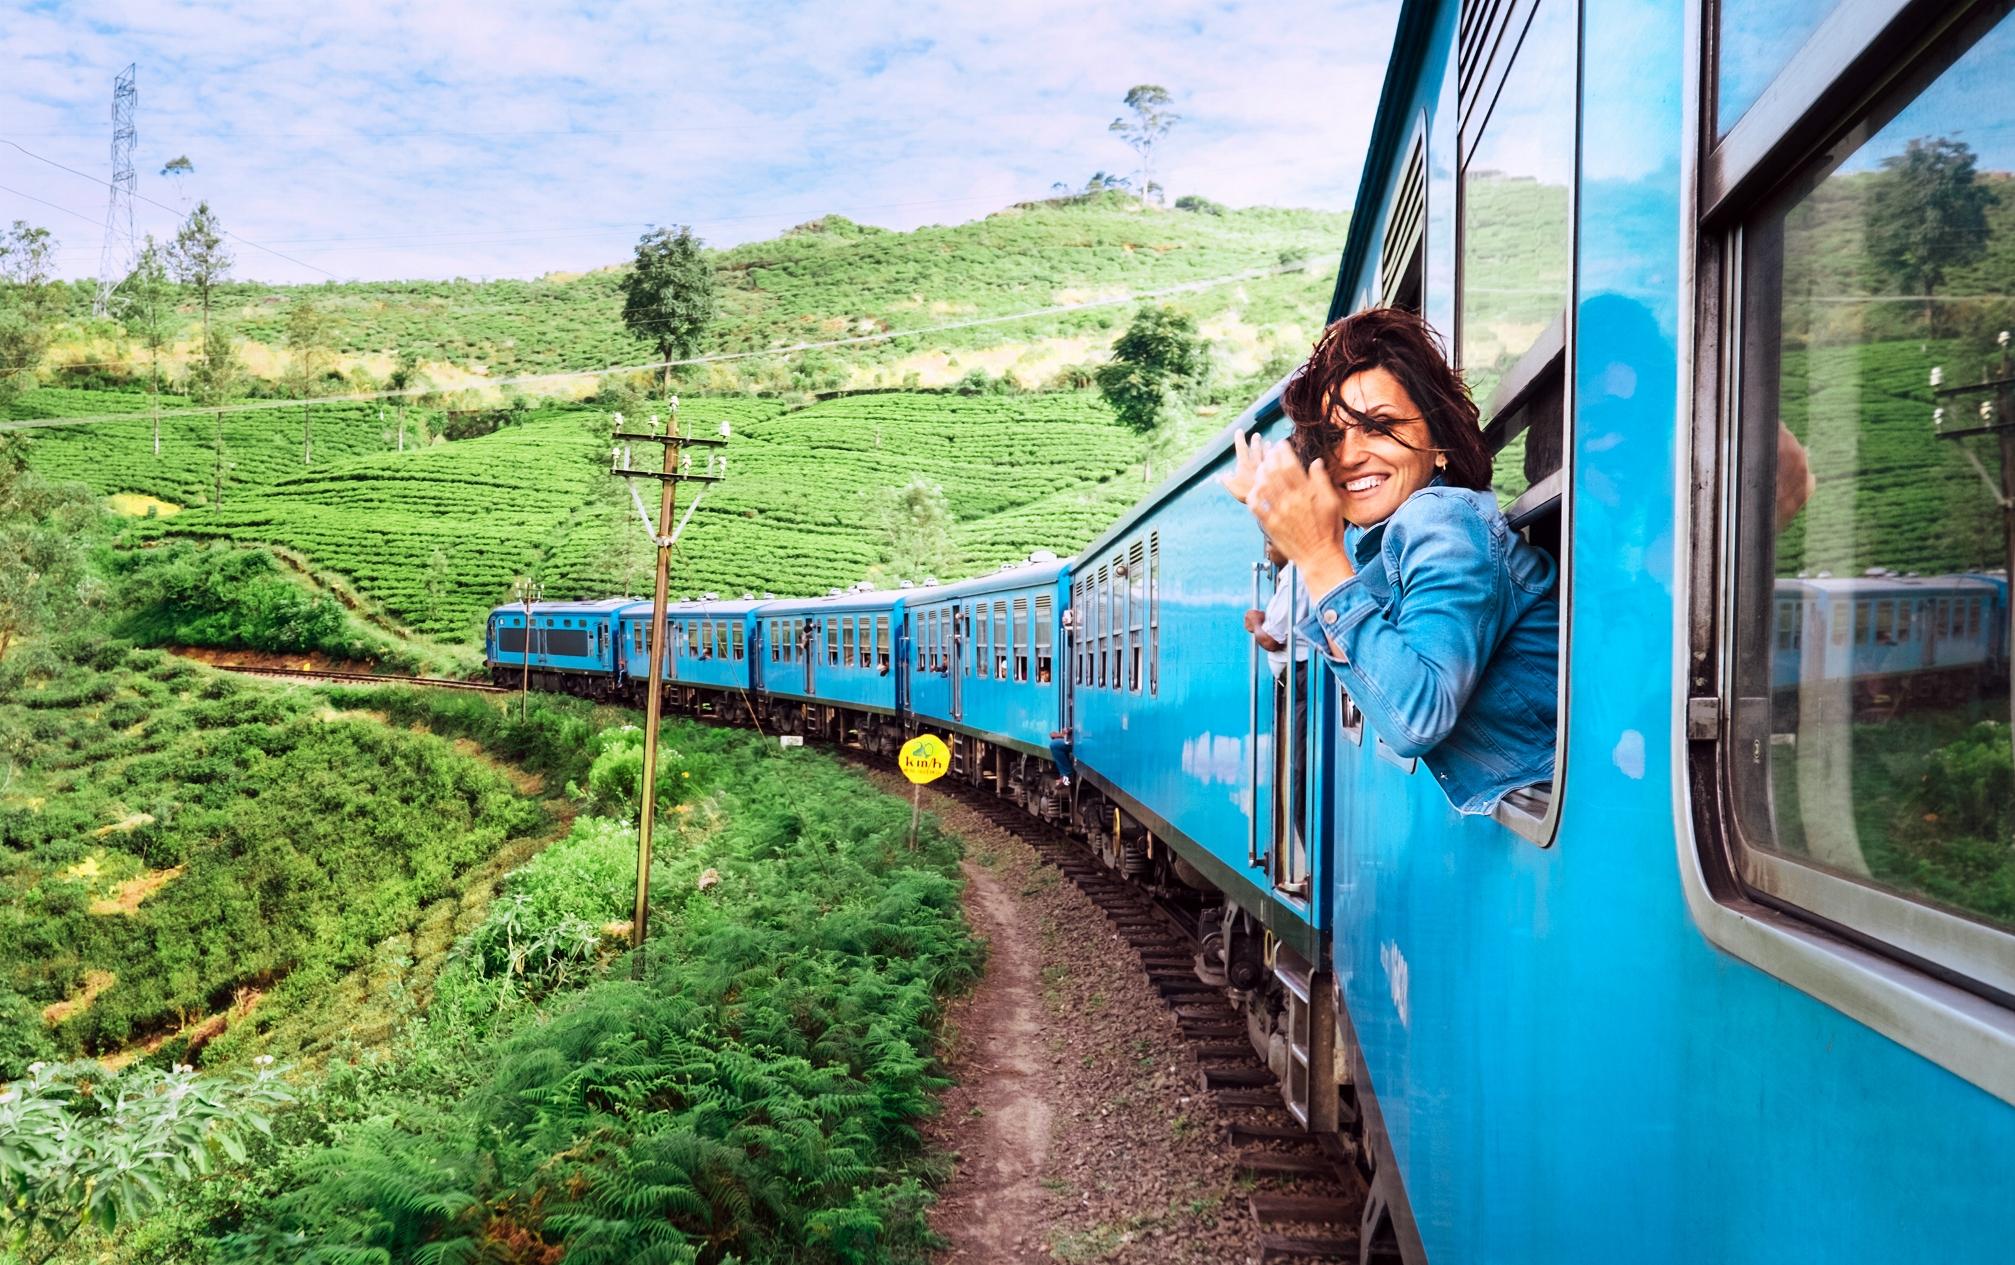 Прибытие на поезде